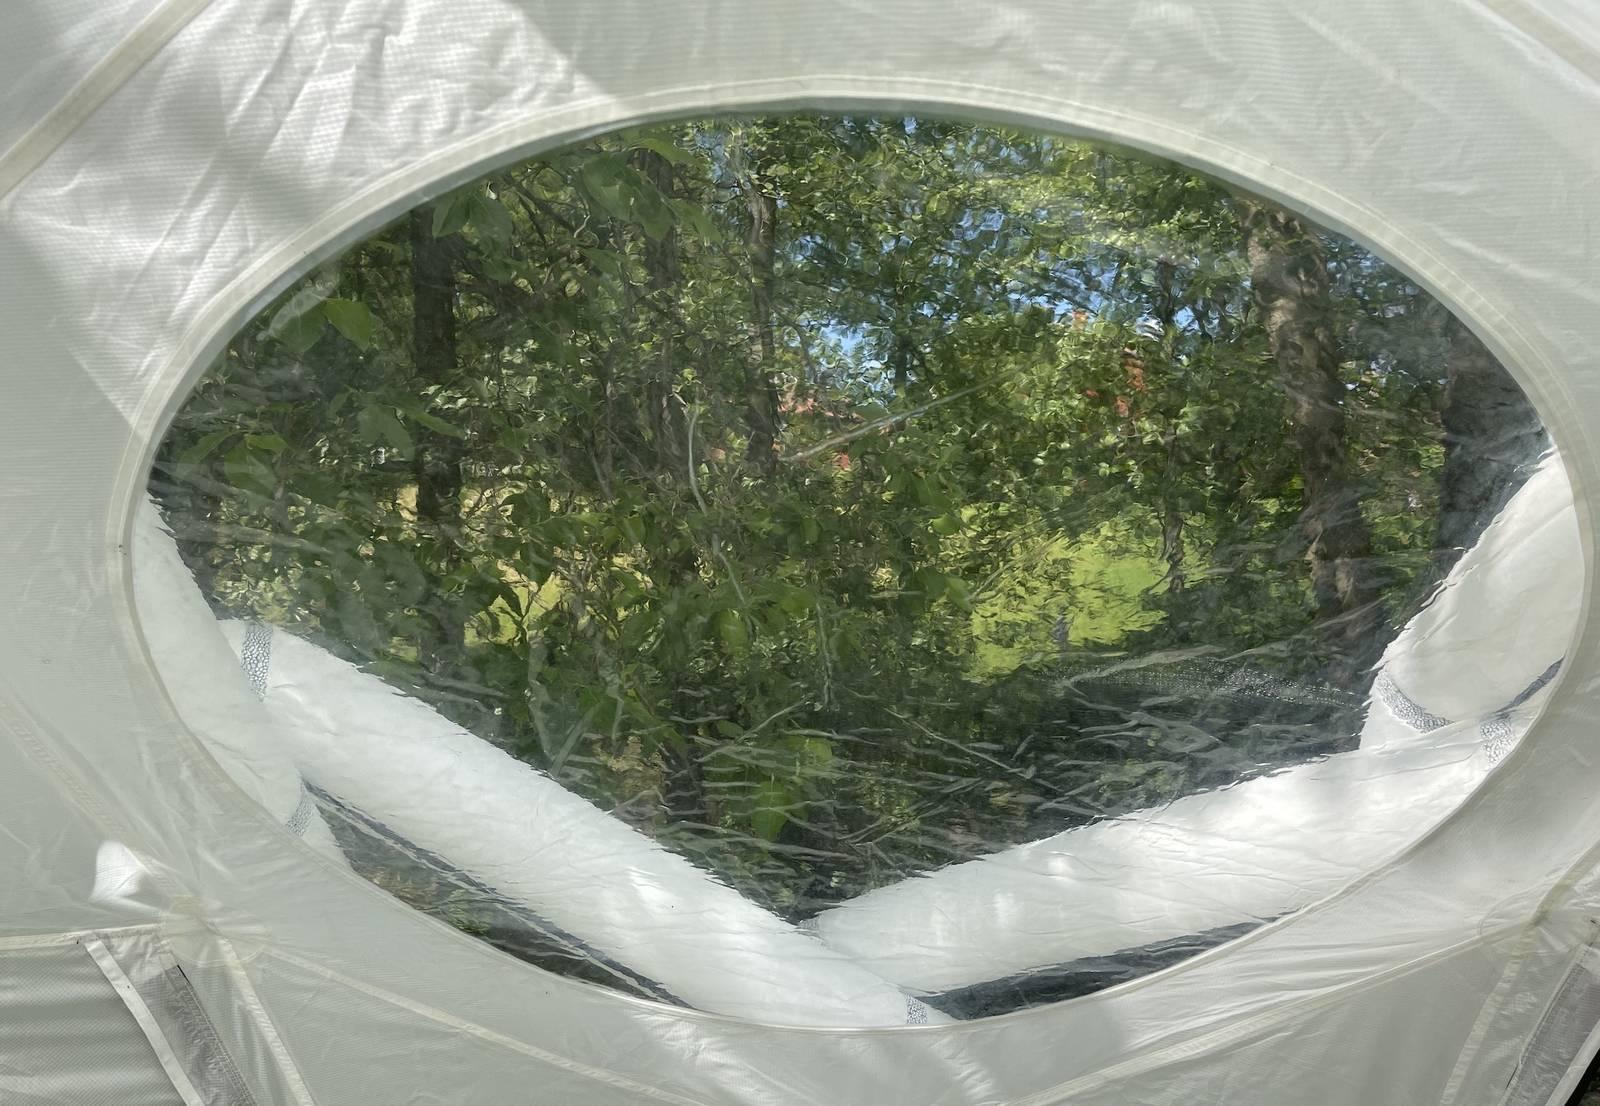 heimplanet mavericks vindu oppblåsbart telt